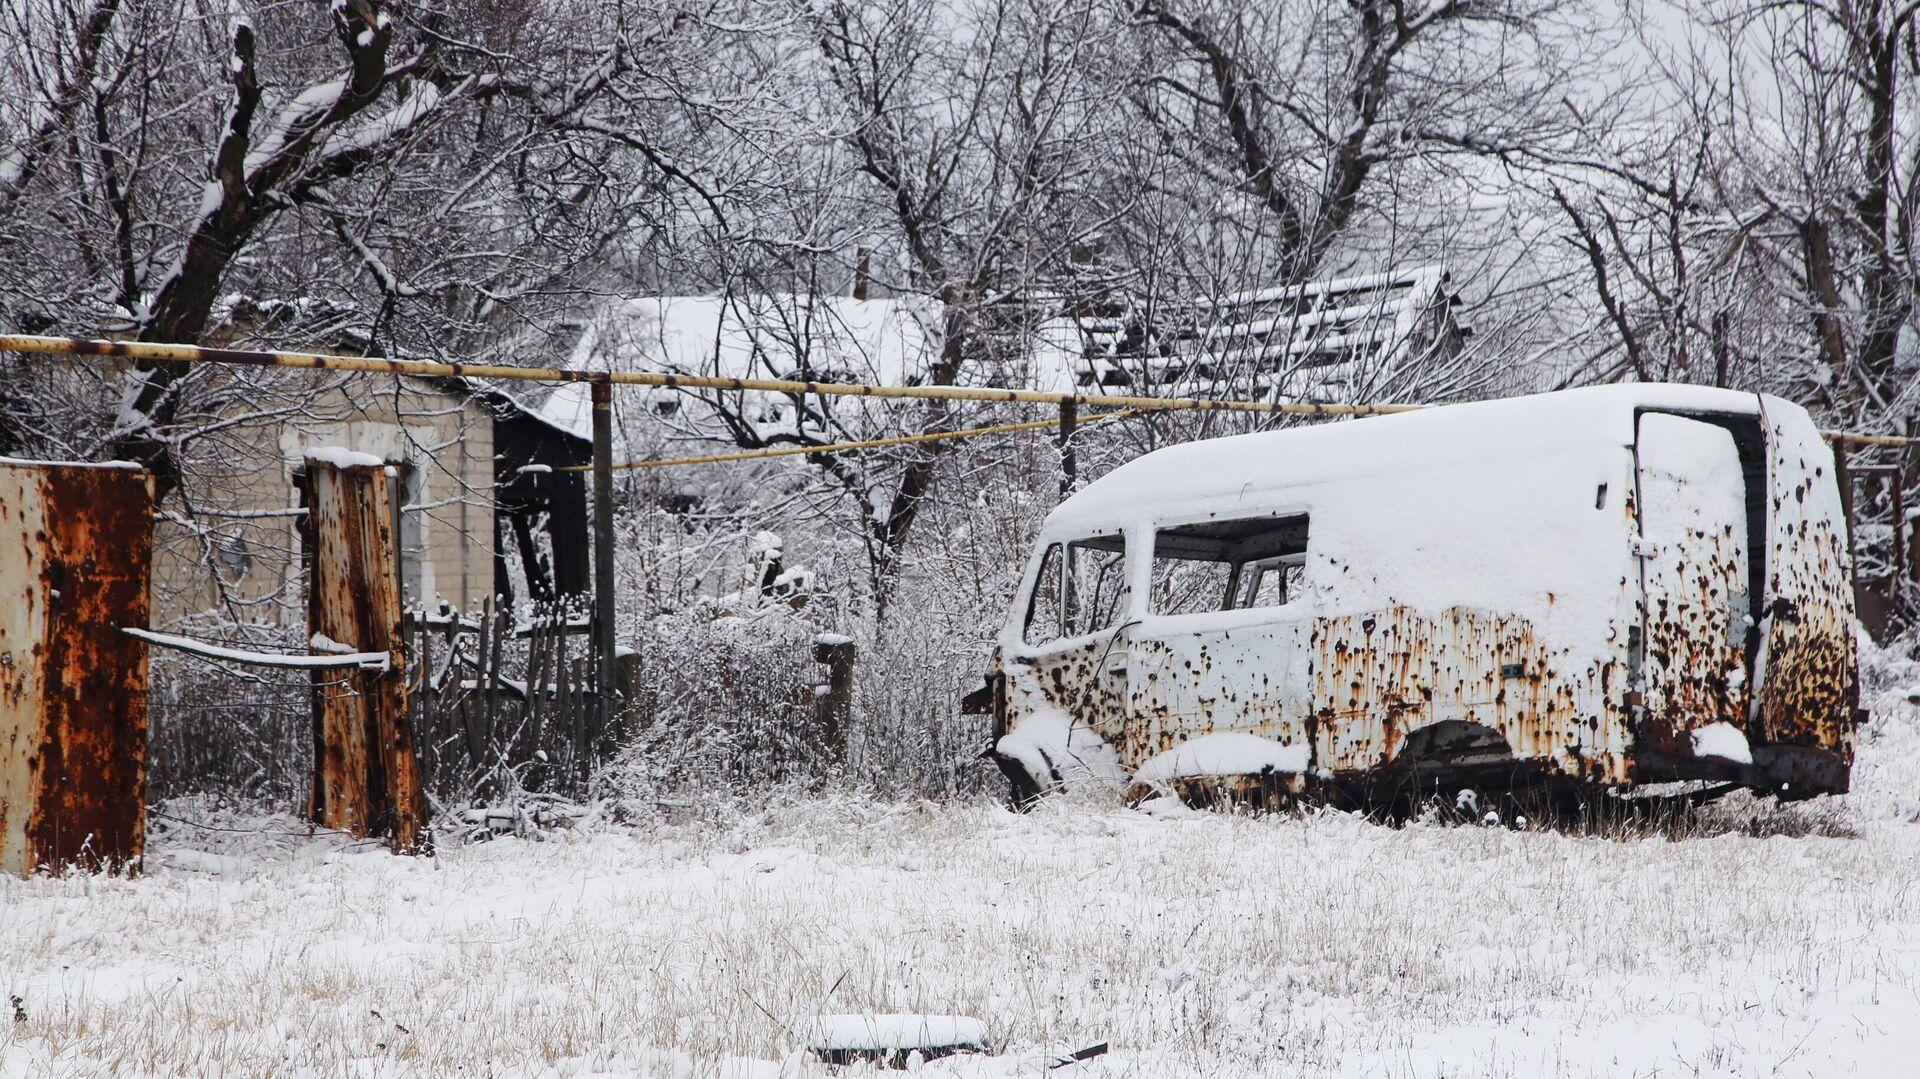 Автомобиль, получивший повреждения во время боевых действий, на одной из улиц поселка Веселое Донецкой области - РИА Новости, 1920, 11.03.2021